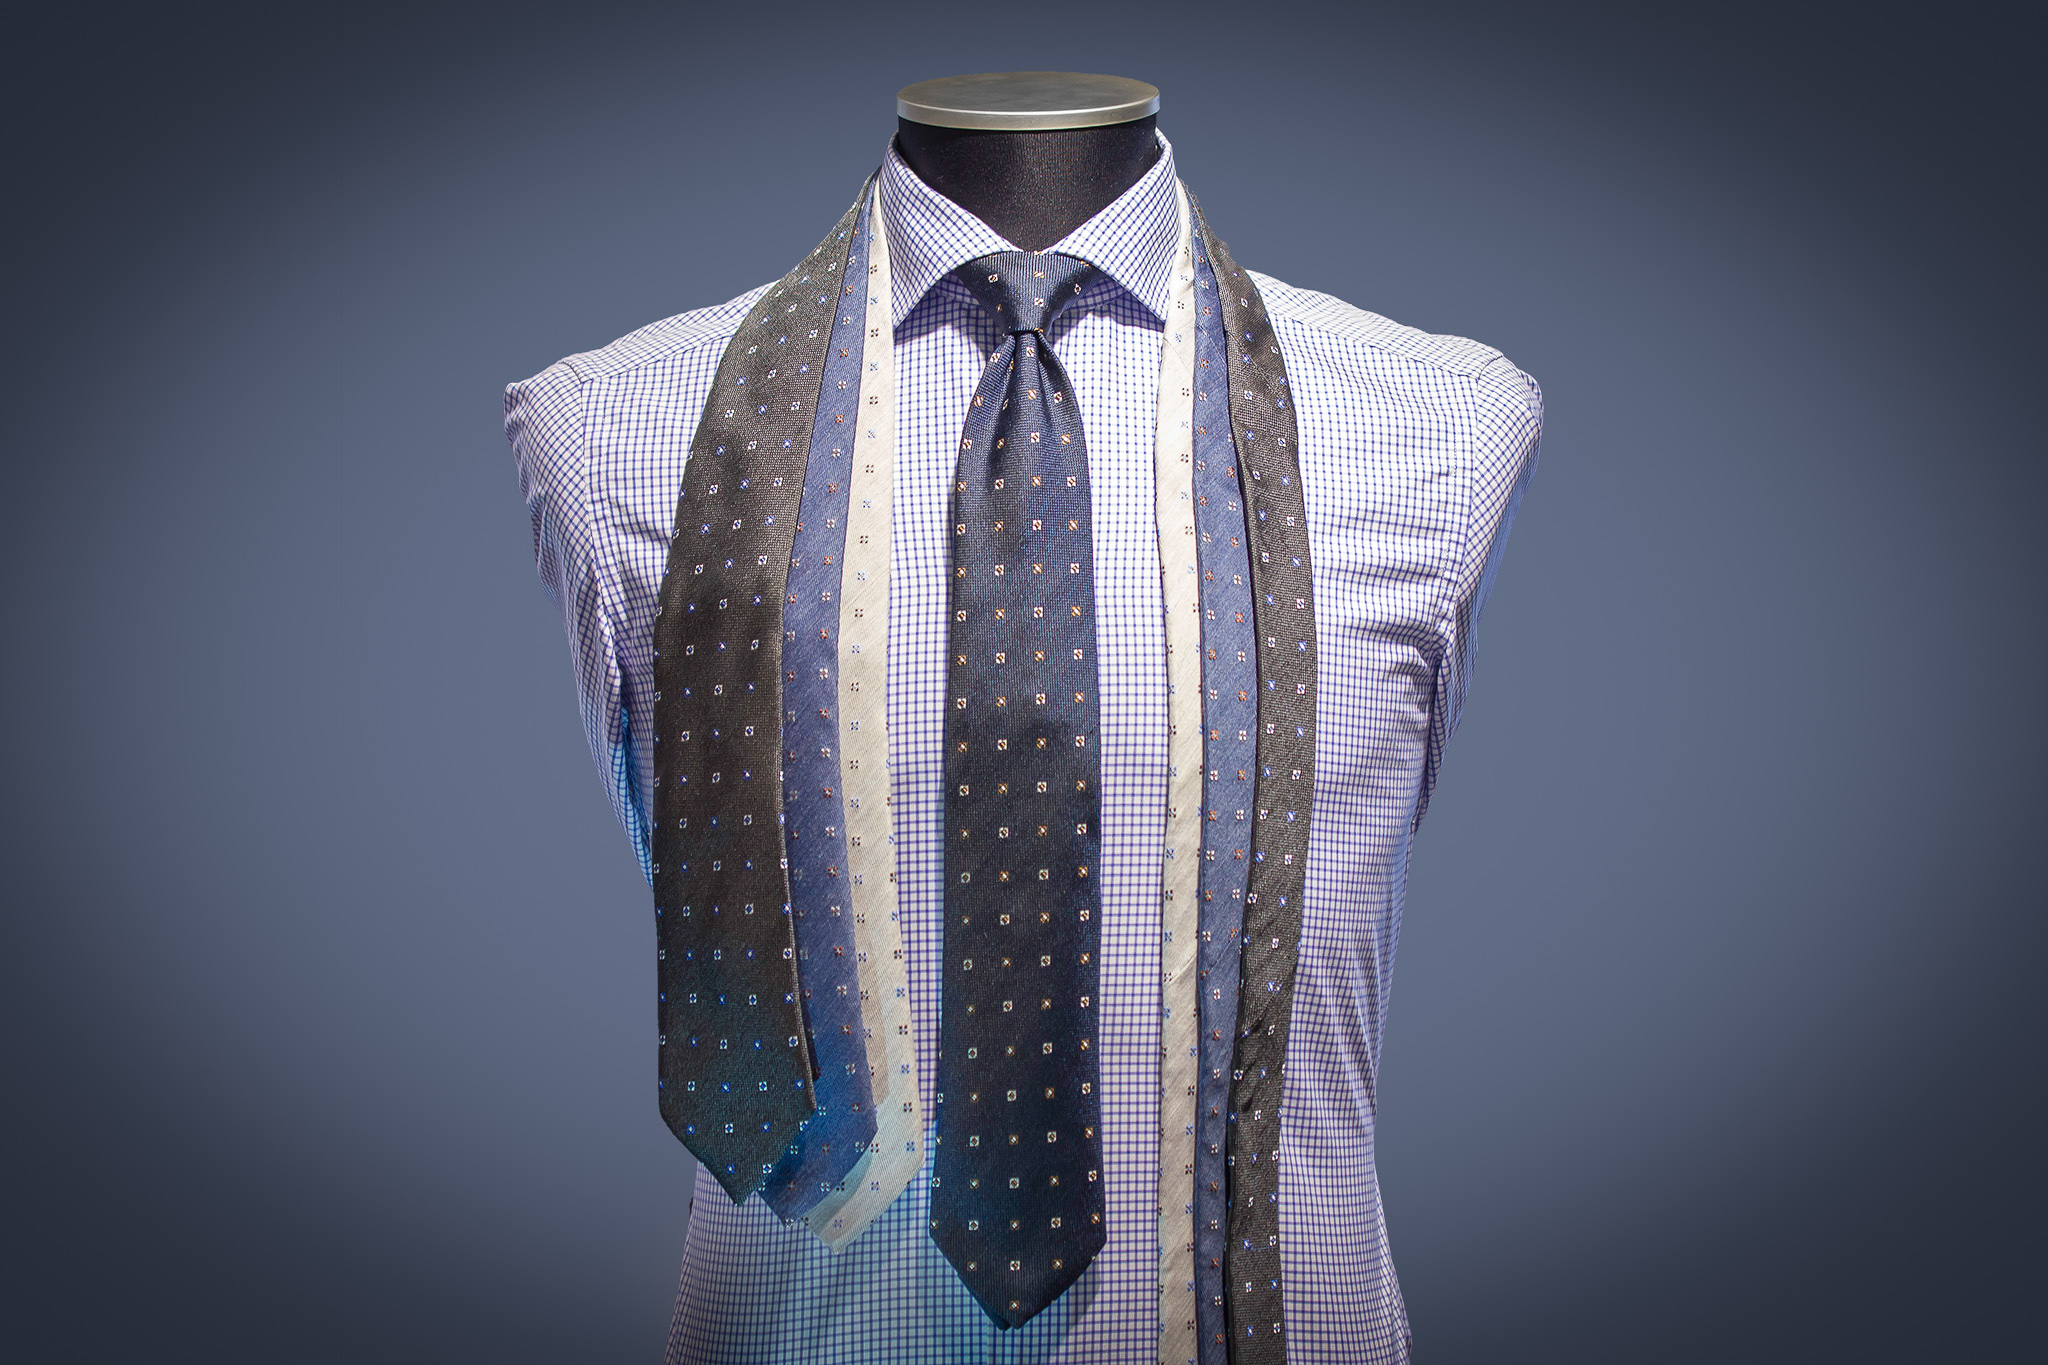 Skjorter fra Viero Milano kan bestilles her eller kjøpes i